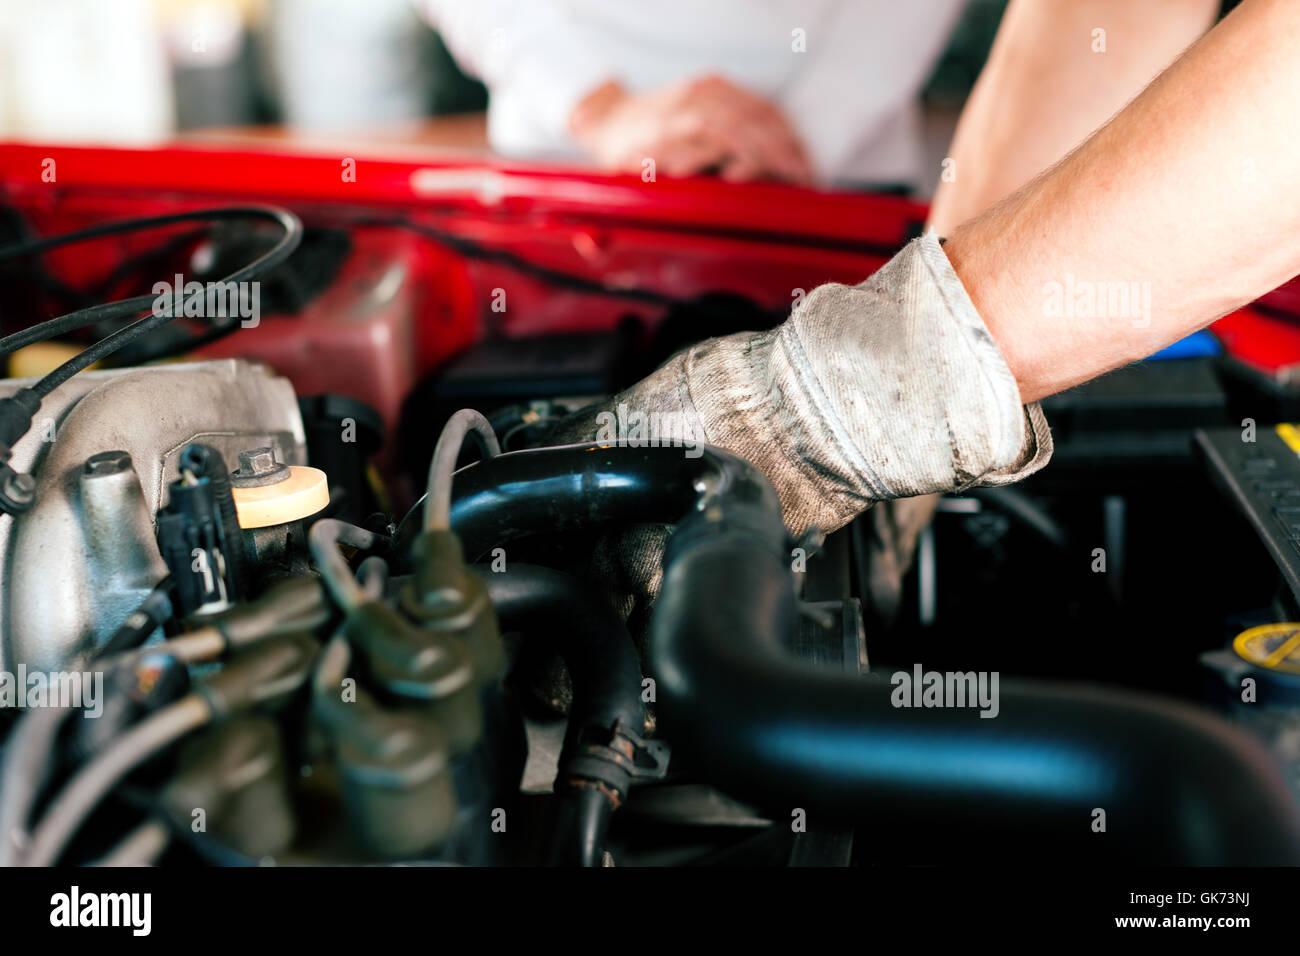 Kfz-Mechaniker in der Autowerkstatt Stockbild